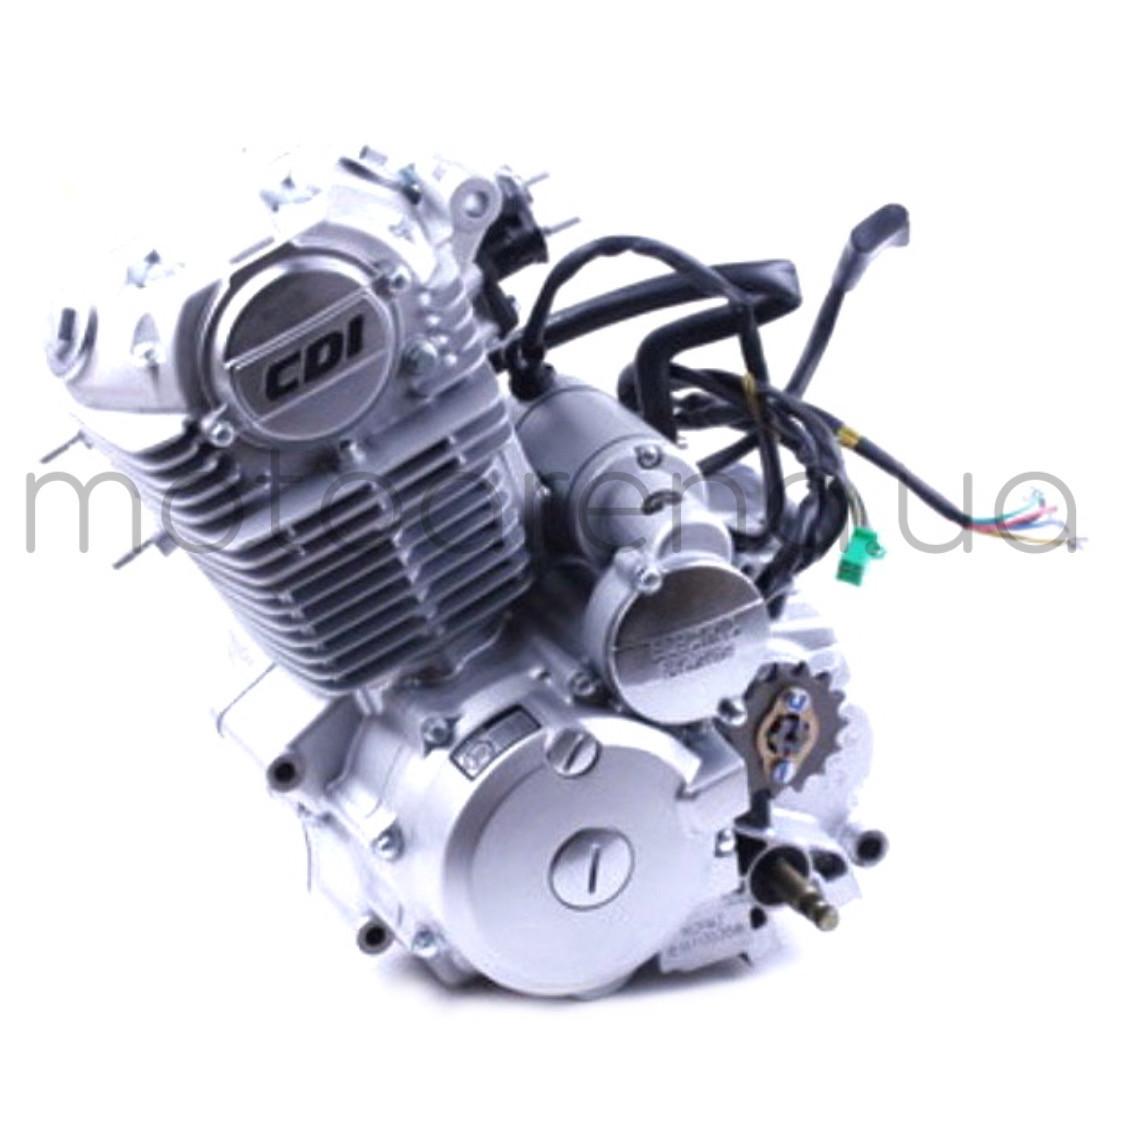 Двигатель СВ 150 СС Минск/Вайпер 150 j